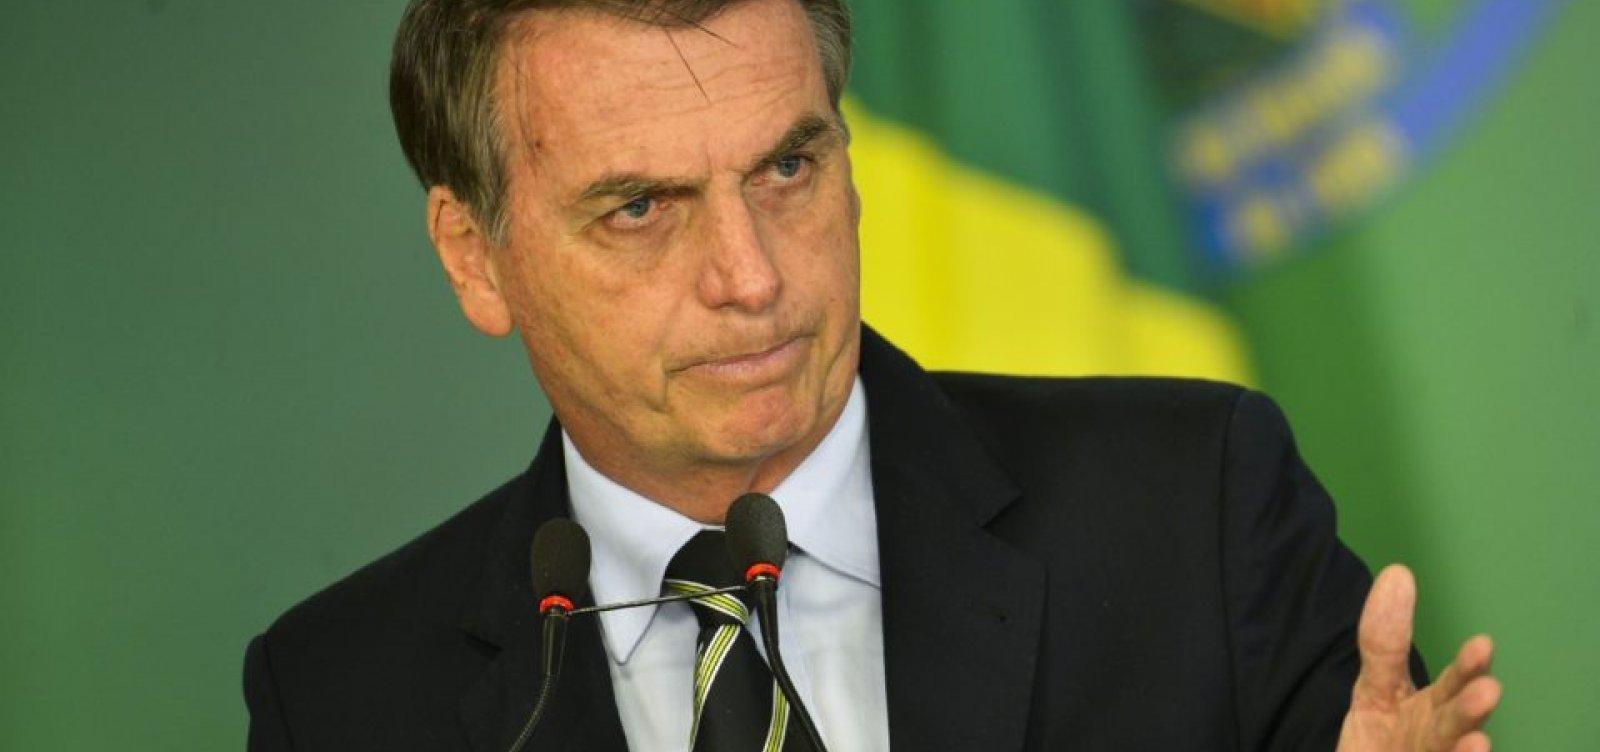 Apenas passei, diz Bolsonaro após compartilhar texto que classifica o país como 'ingovernável'